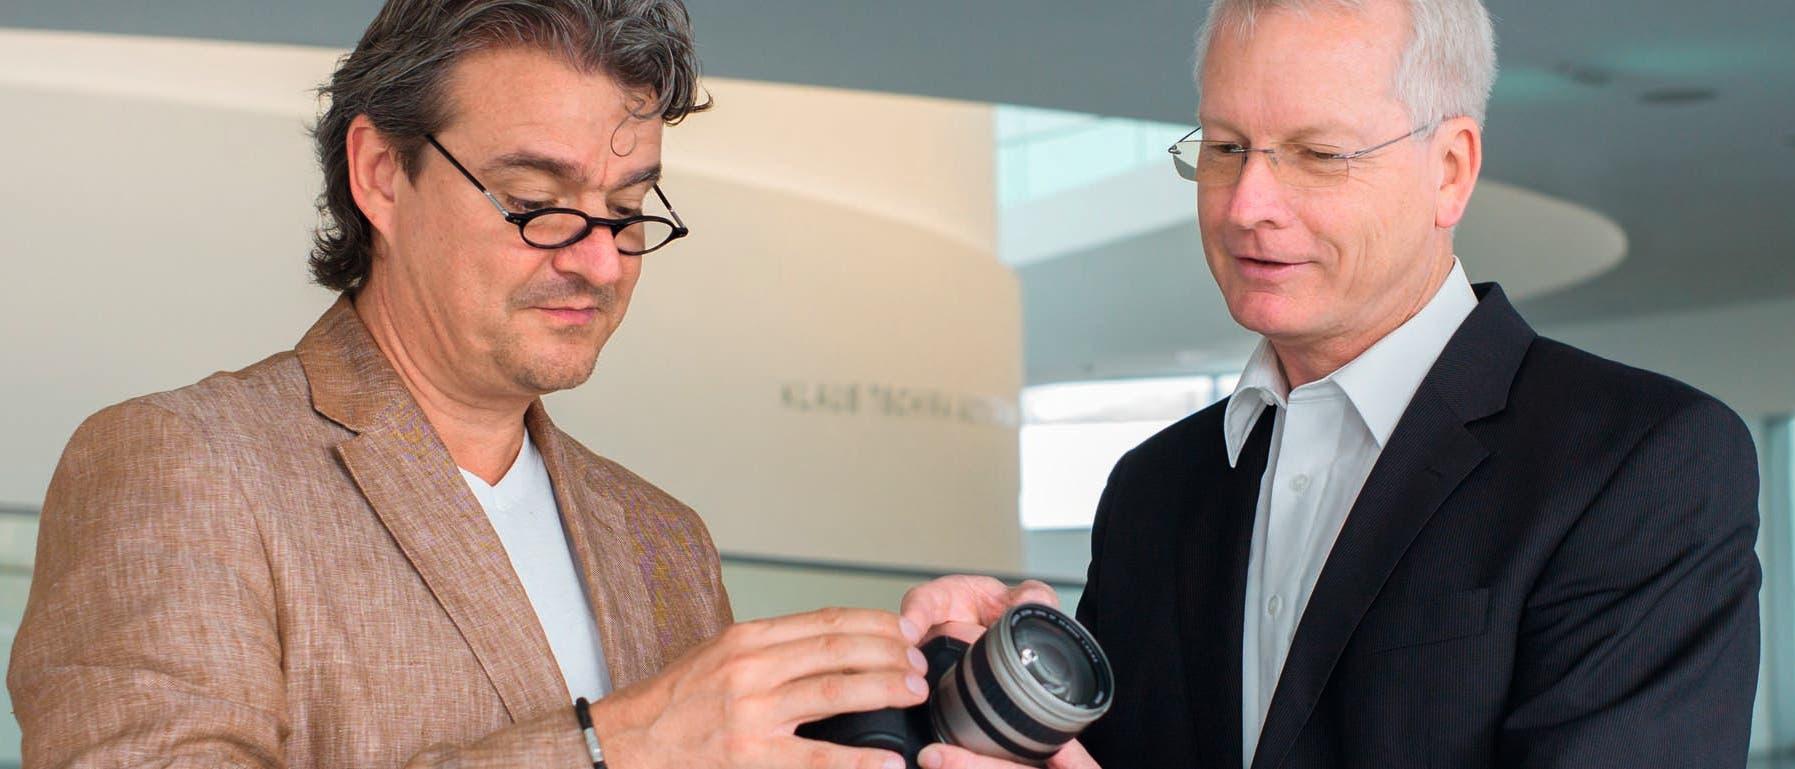 Stefan Seip und Uwe Reichert